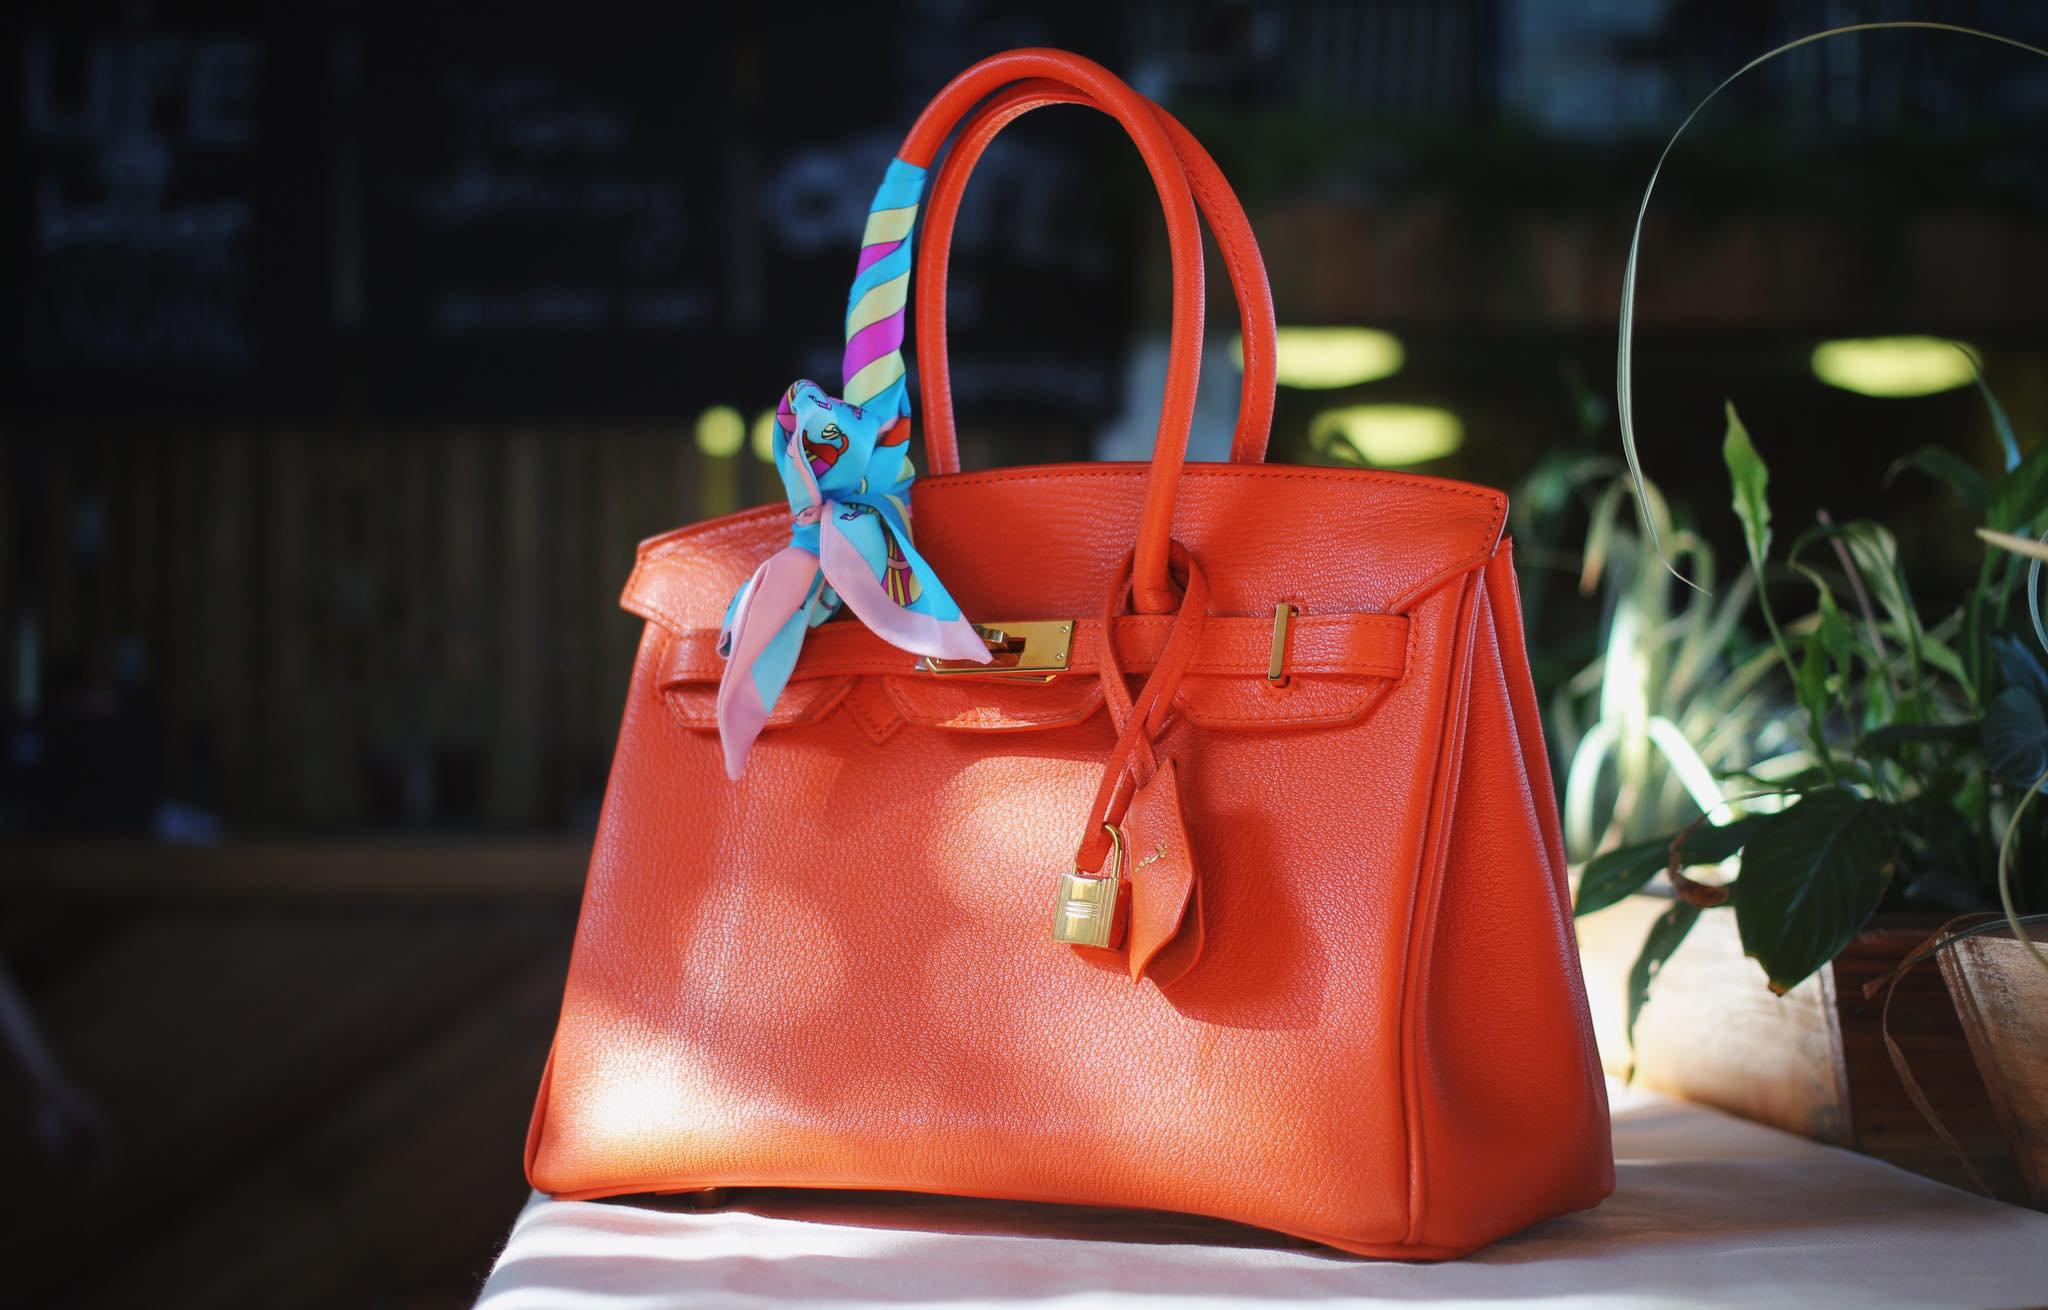 Nên chọn túi xách màu gì giúp quý cô mệnh kim luôn đầy ắp tiền tài hạnh phúc?